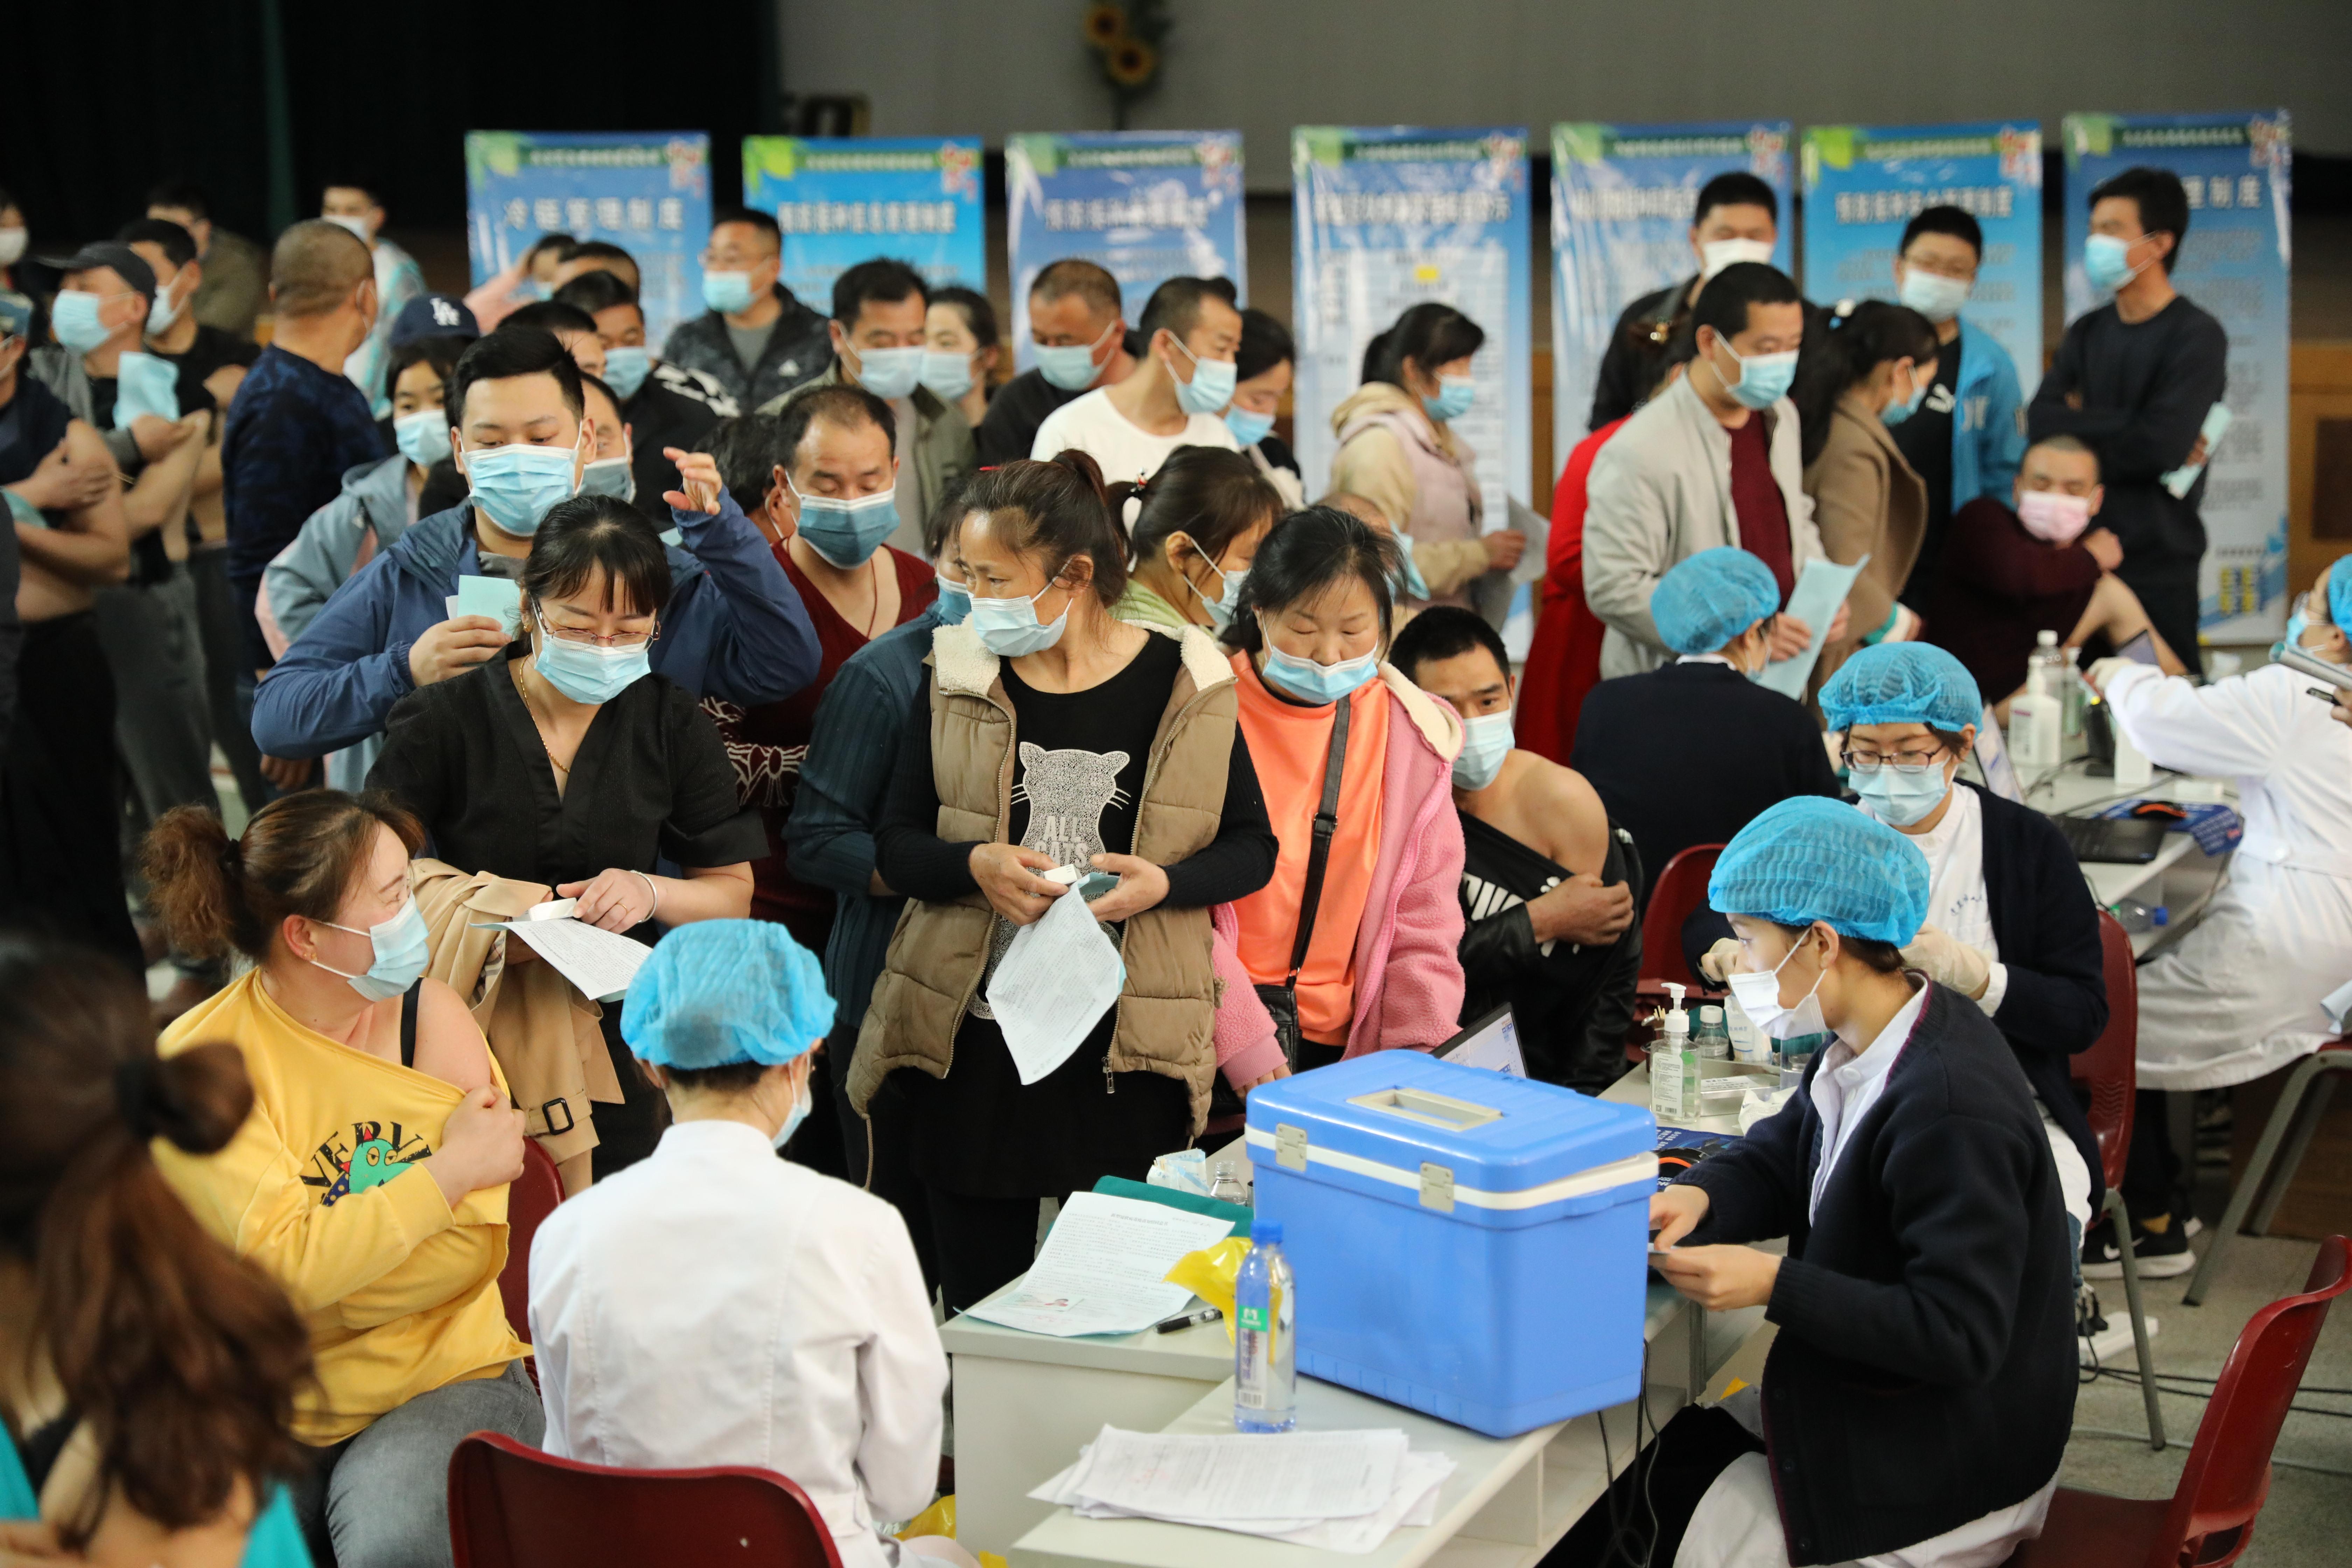 民和股份新冠疫苗接种进行中